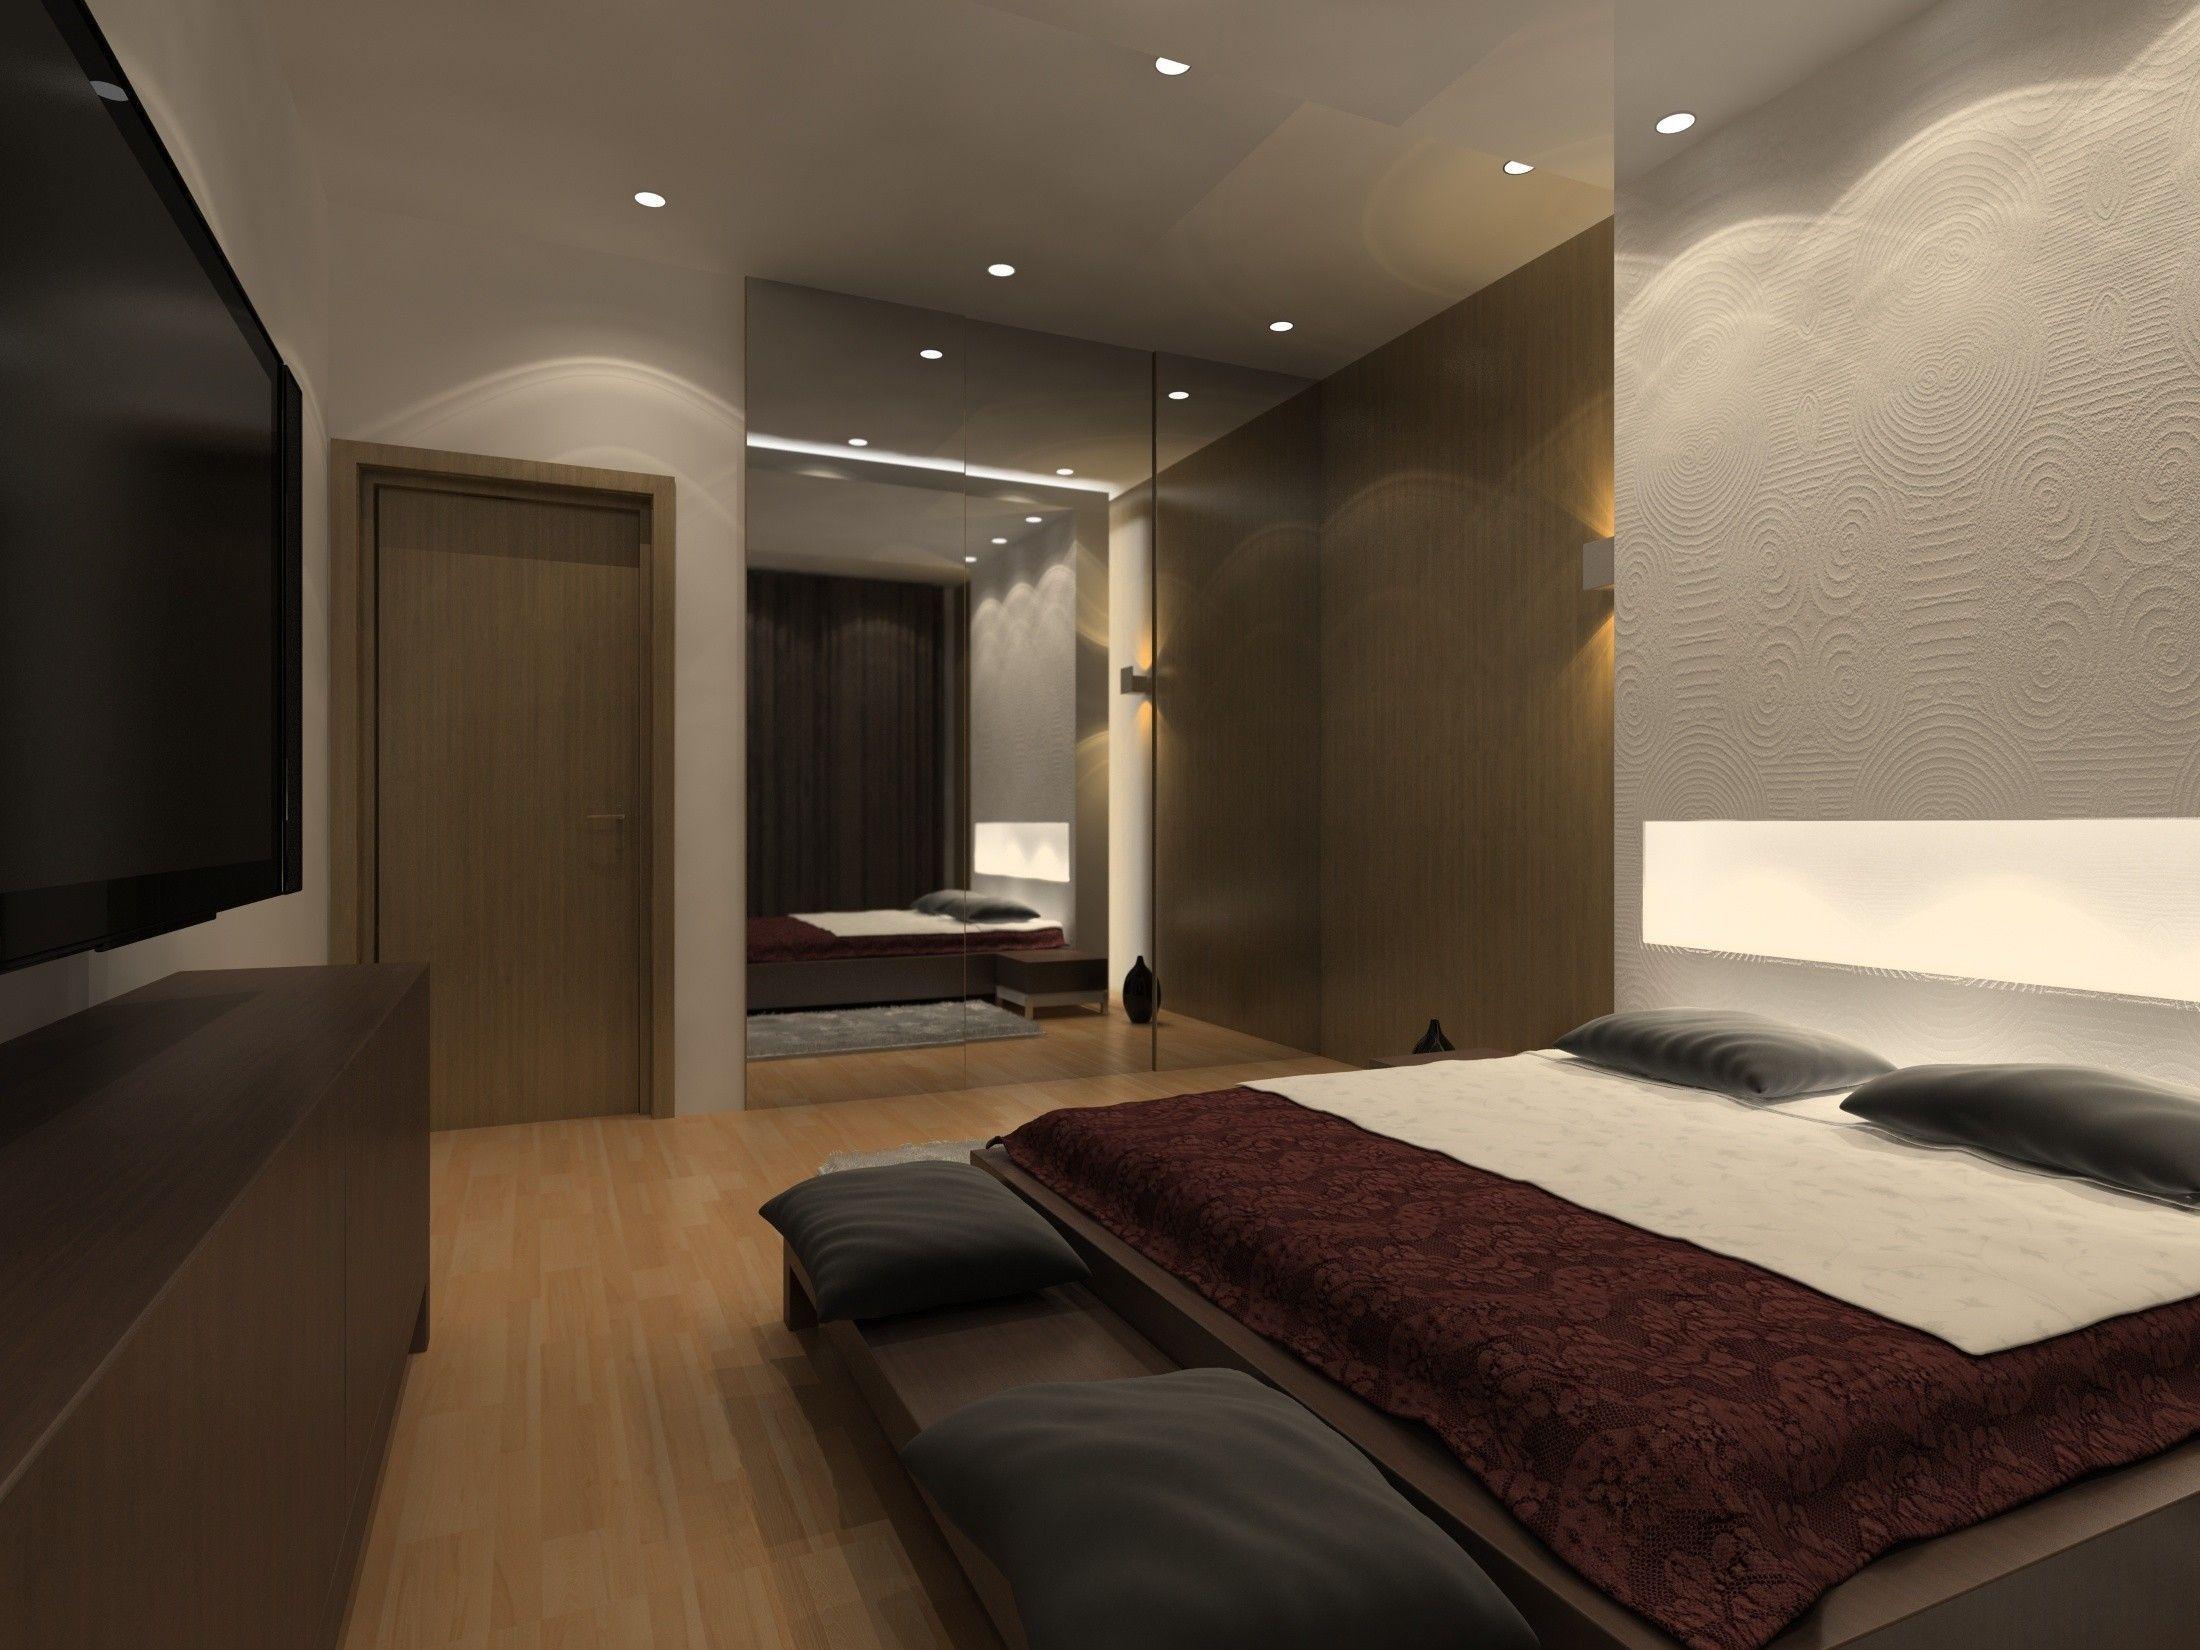 Интерьер спальни в современном стиле в коричневых цветах